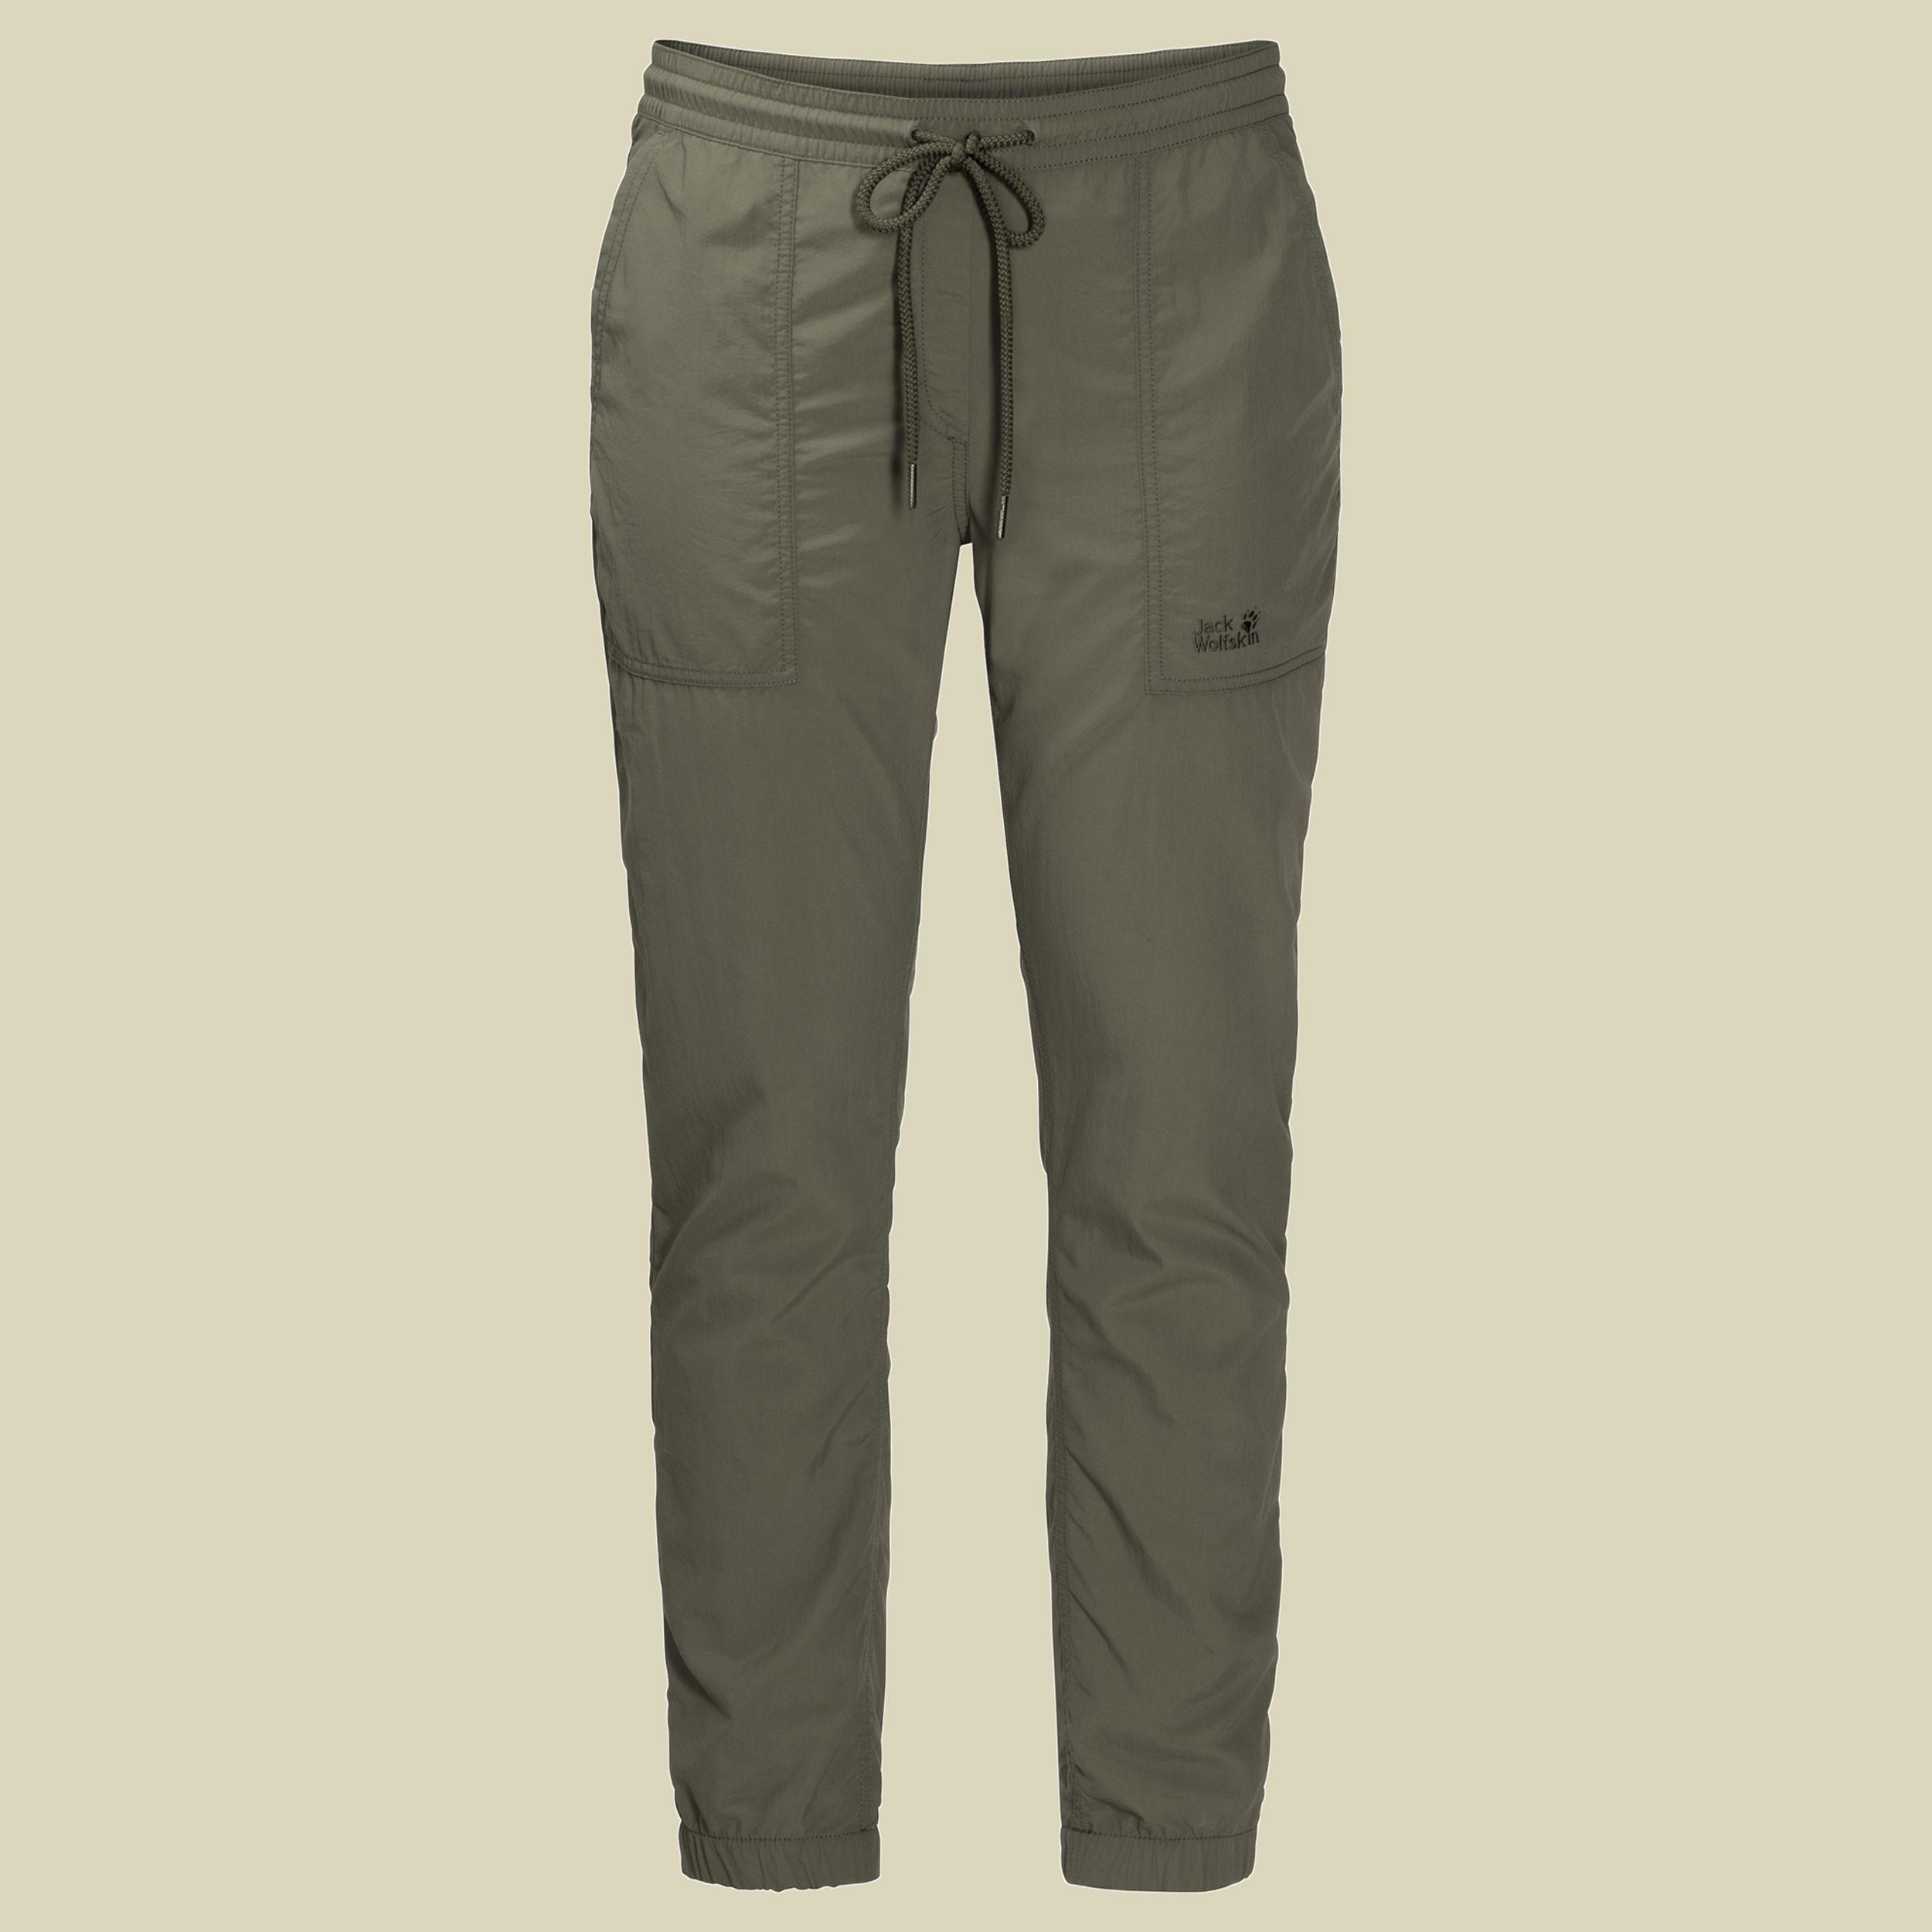 Kalahari Cuffed Pants Women